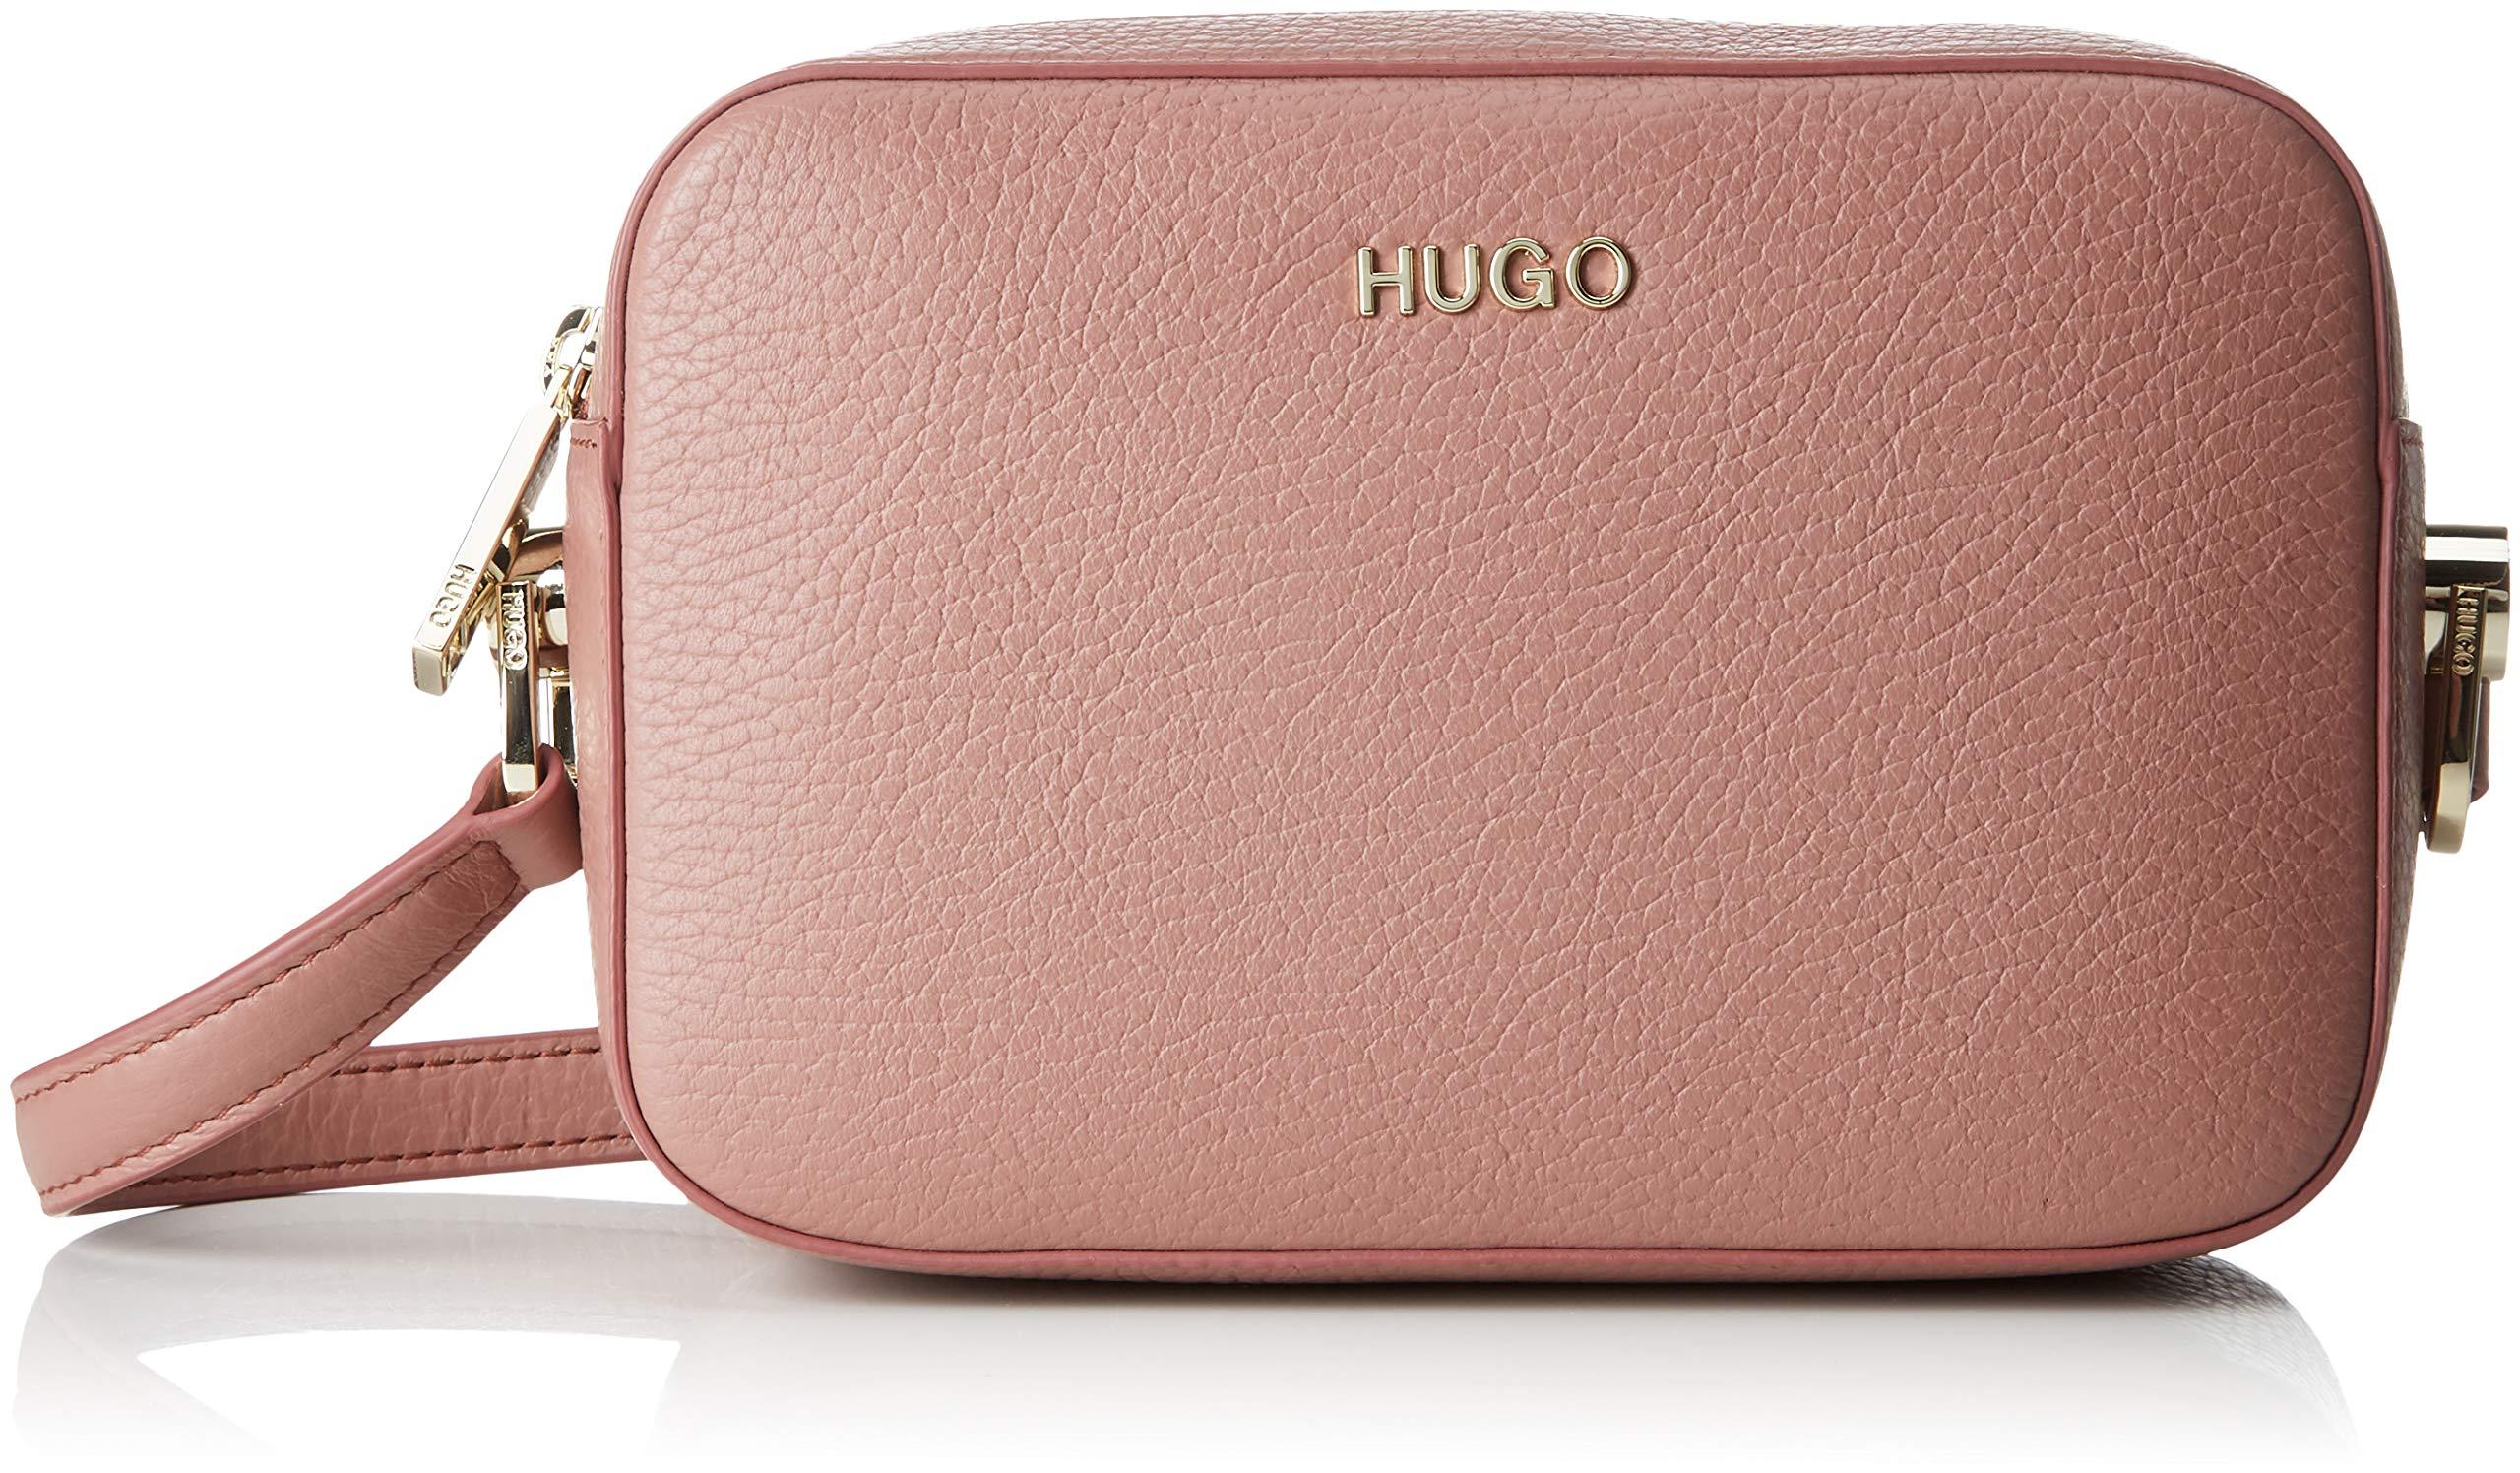 Hugo X Portés Épaule Pink6x13x19 T 50402717Sacs Cmb FemmeRoseopen H qMpUzSVG